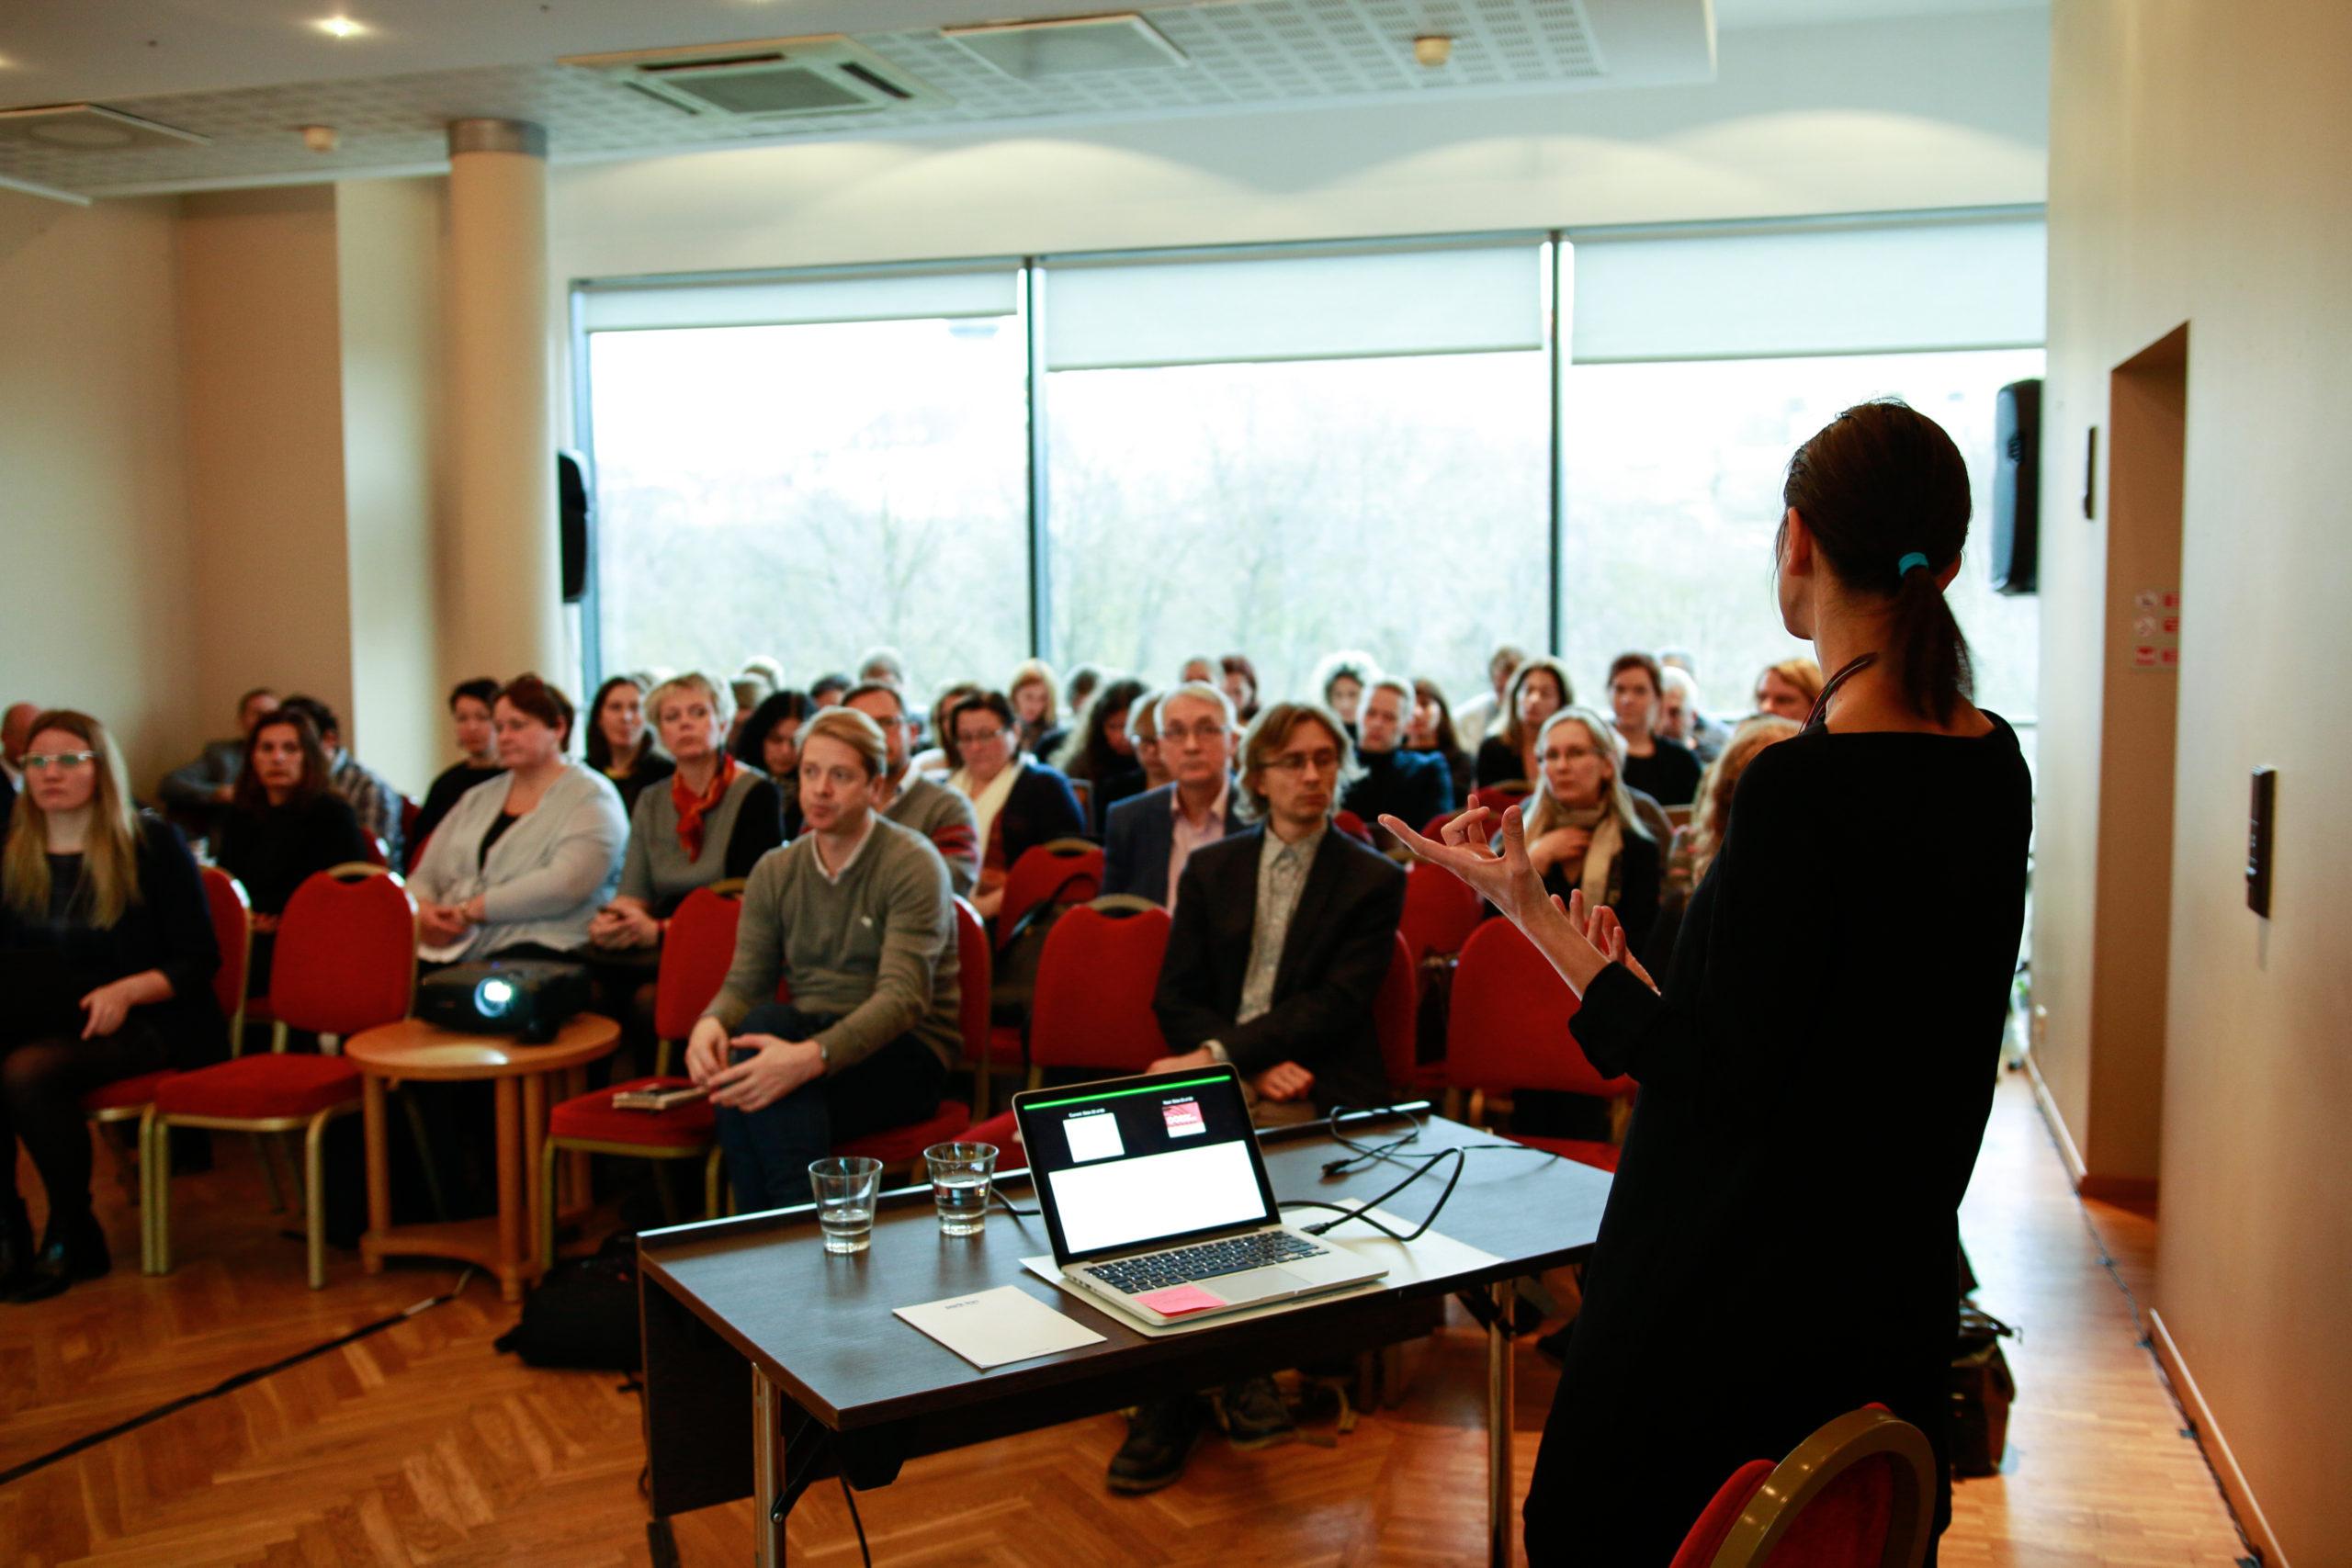 Õppetunnid rahvusvahelisest digiteerimise koostööprojektist